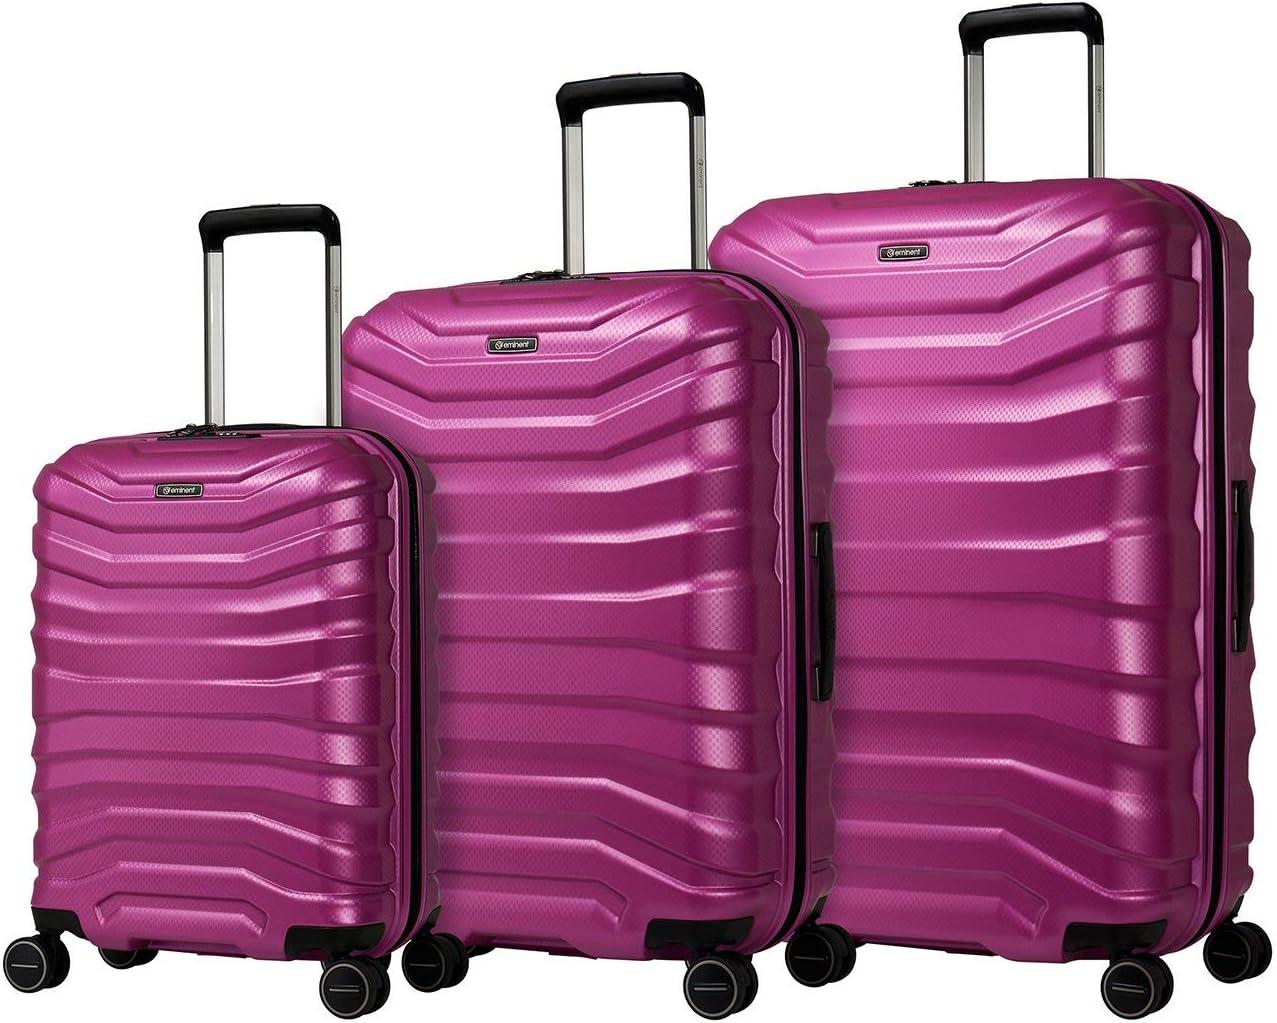 Eminent Juego de Maletas Aero 3 Piezas (1xMaleta Cabina & Maleta de Viaje M+L) Eco Maletas rígidas y Ligeras 4 Ruedas Dobles silenciosas Rosa